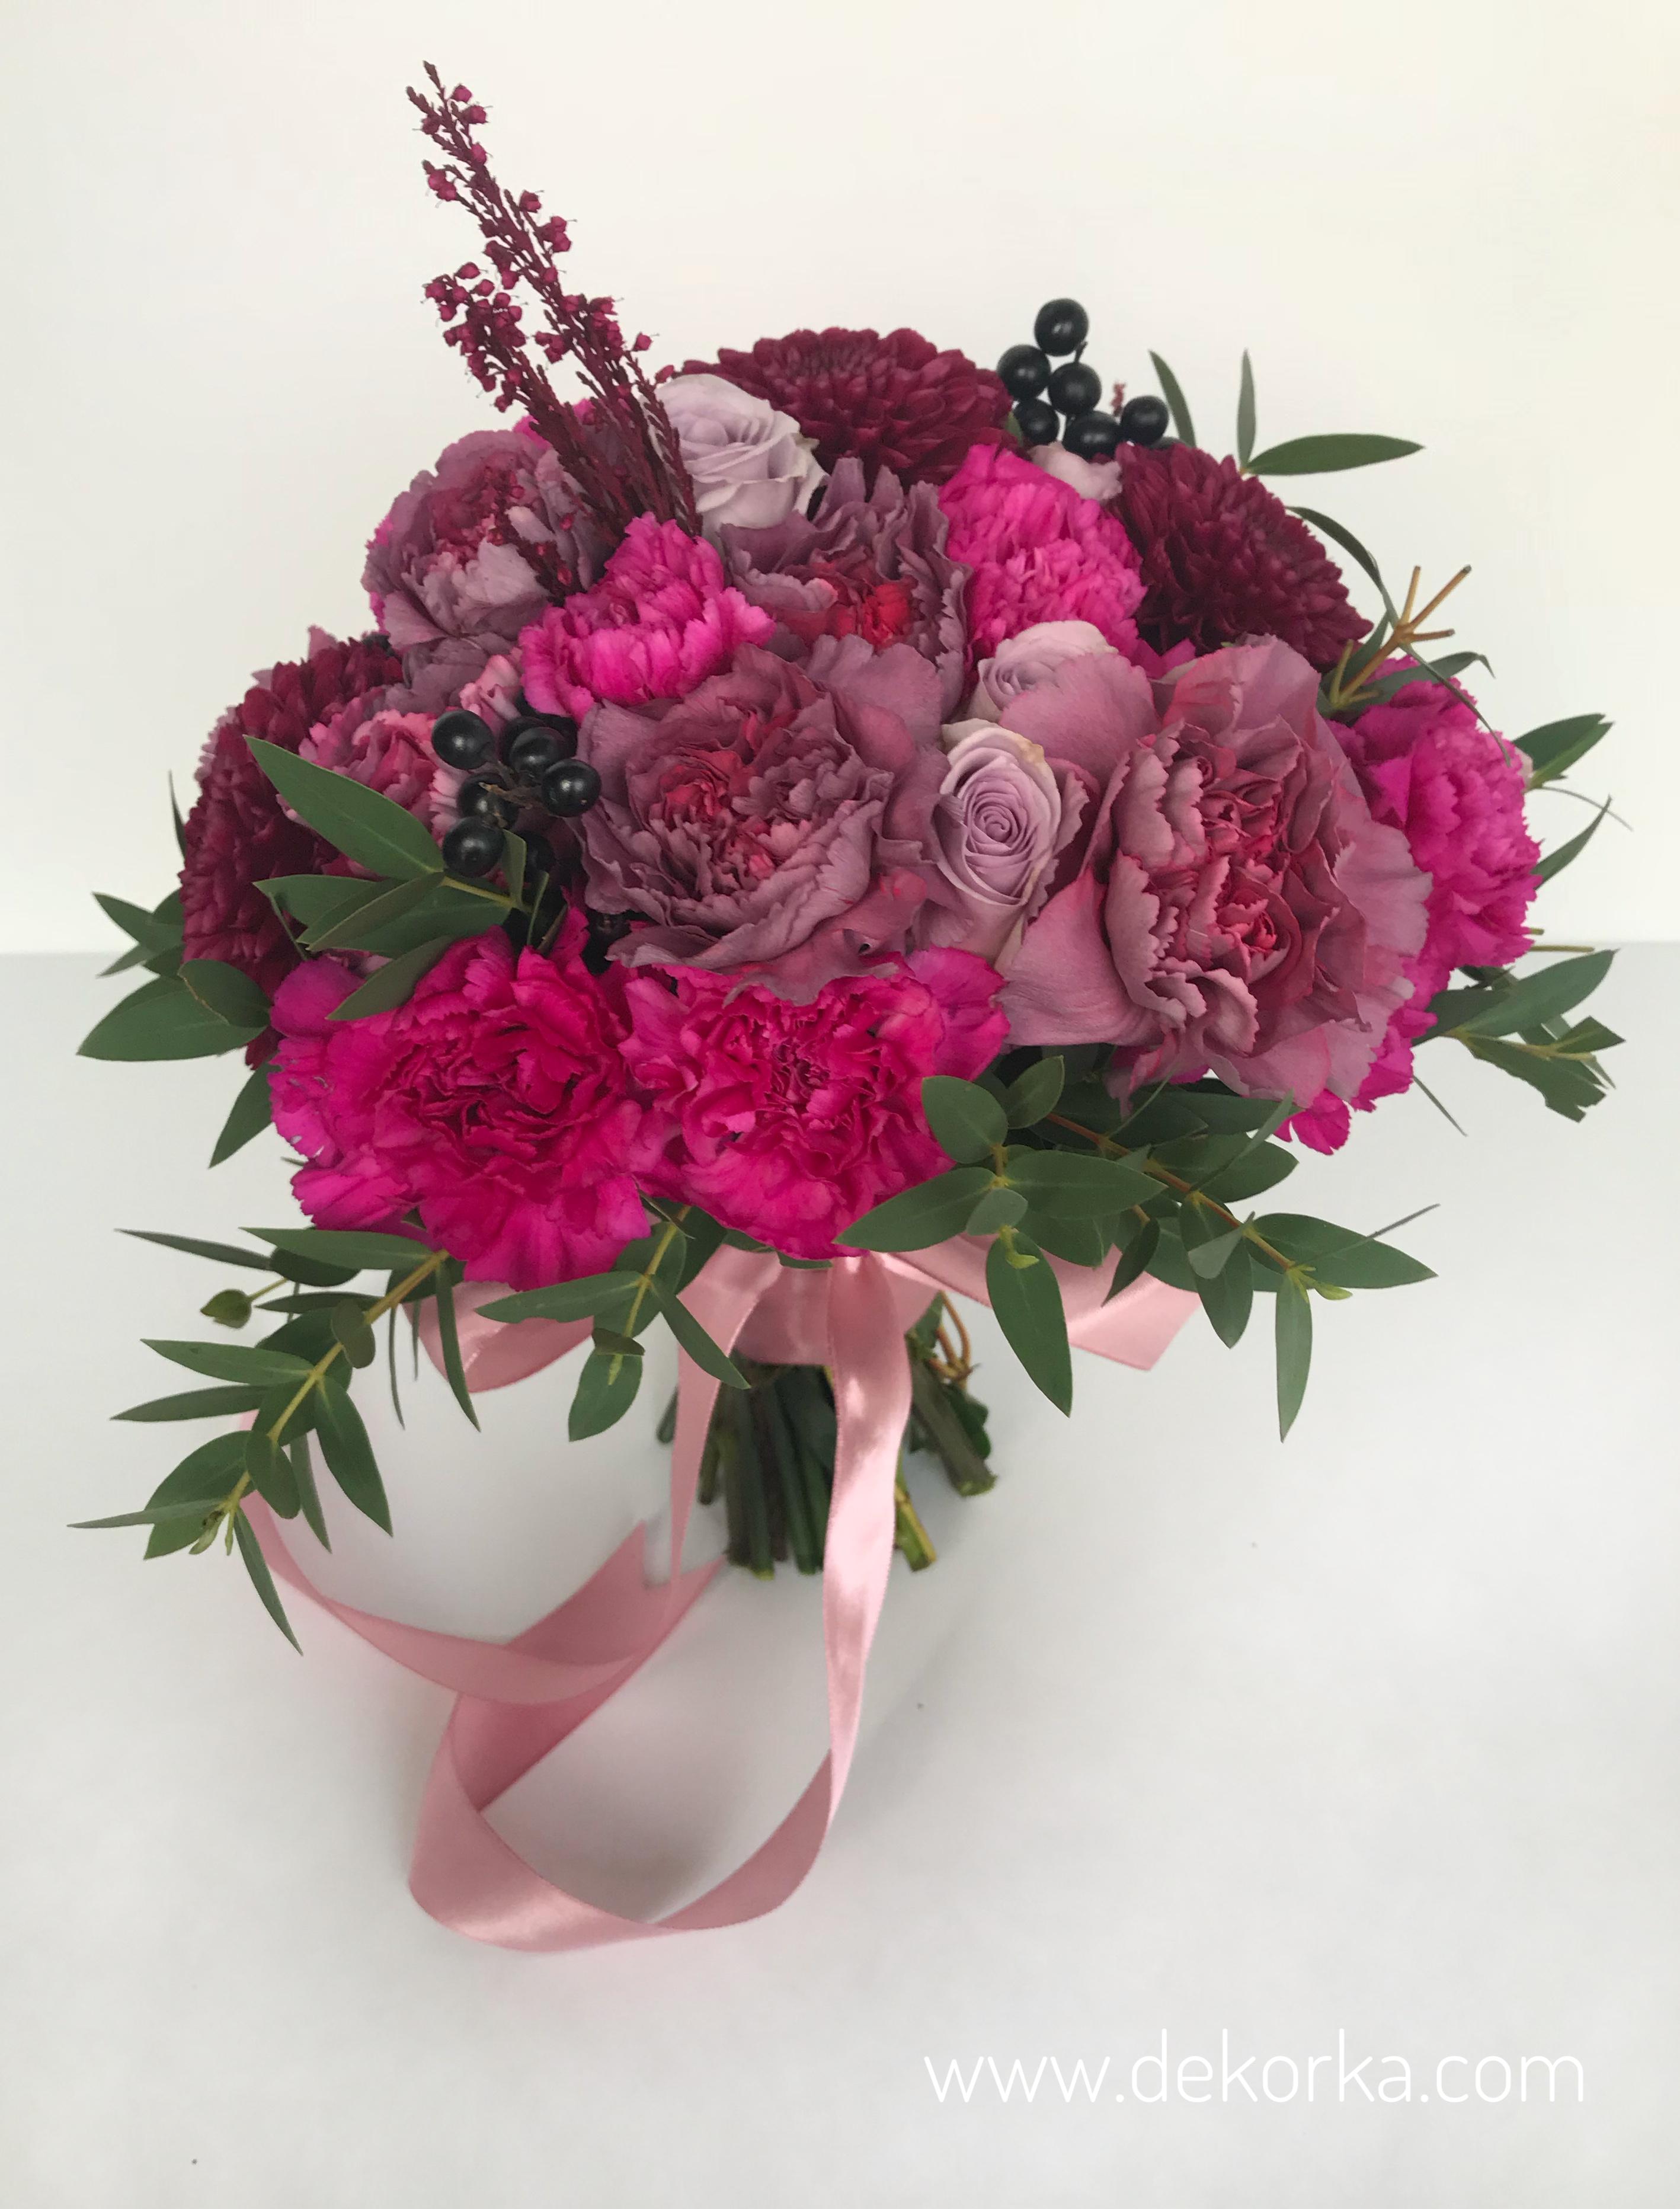 bukiet slubny fioletowo różowy  dekorka.com katowice kwiaciarnia